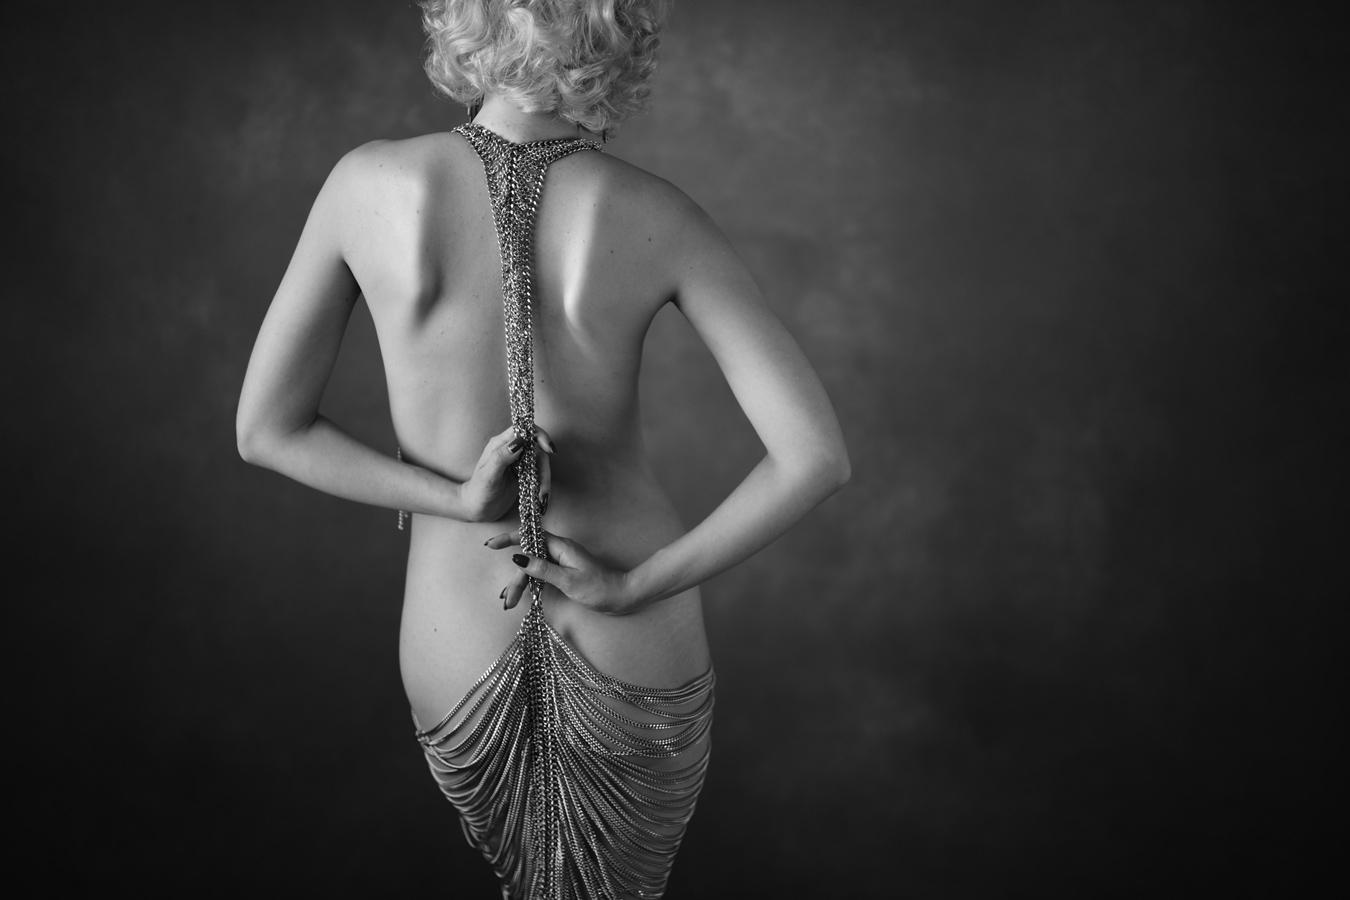 Джерри Гионис / Jerry Ghionis, Первое место в категории «В студии фотохудожника», Фотоконкурс WPPI Annual Print Competition